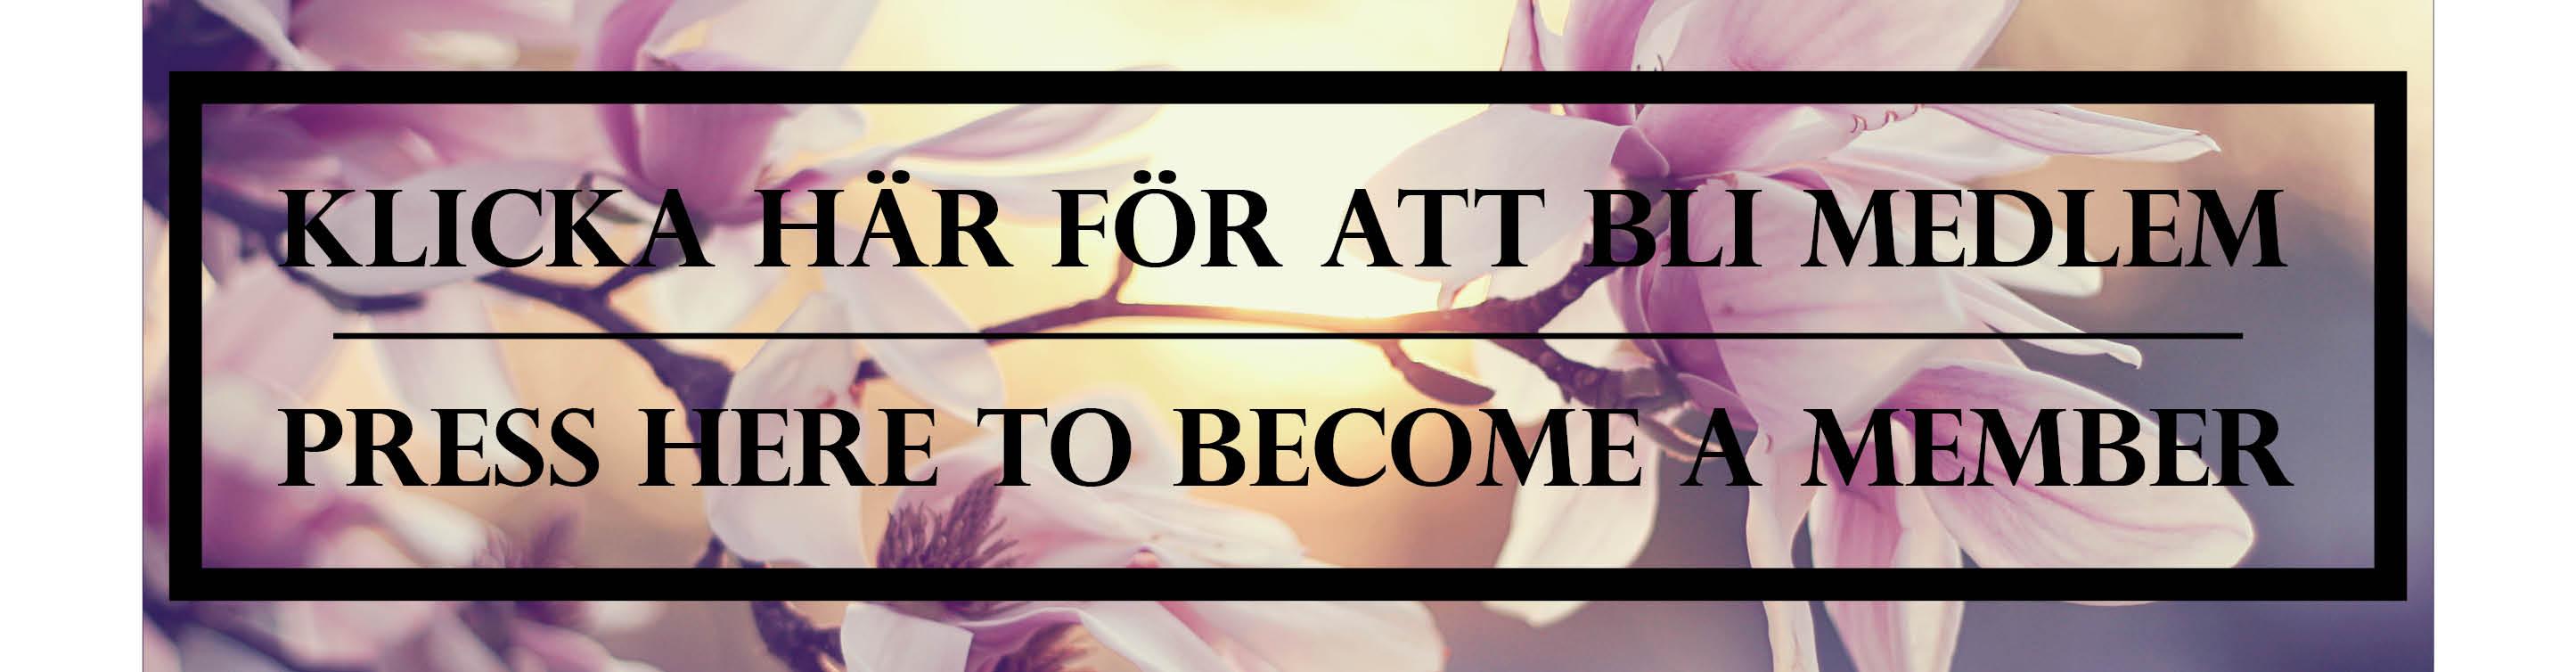 Bli medlem / Become a member